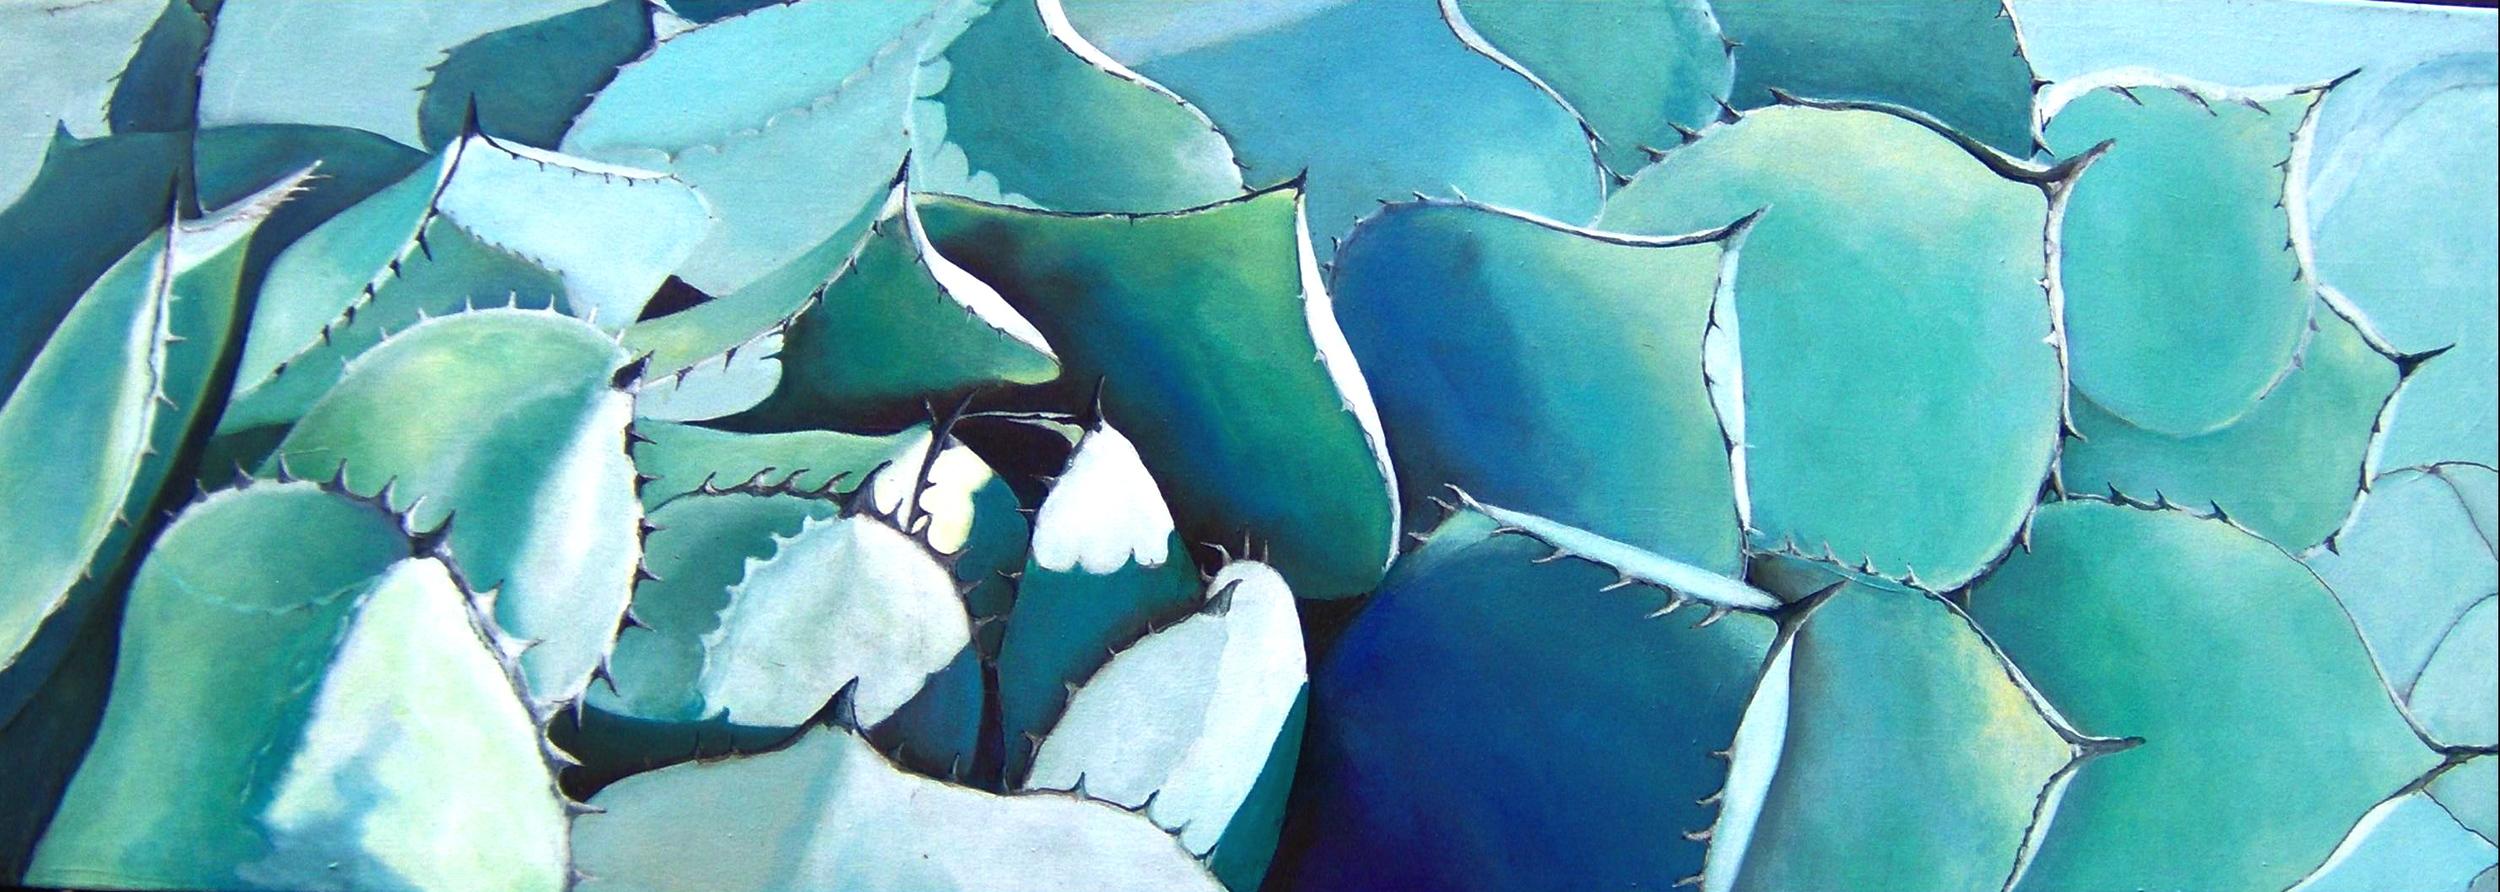 Blue Agave II